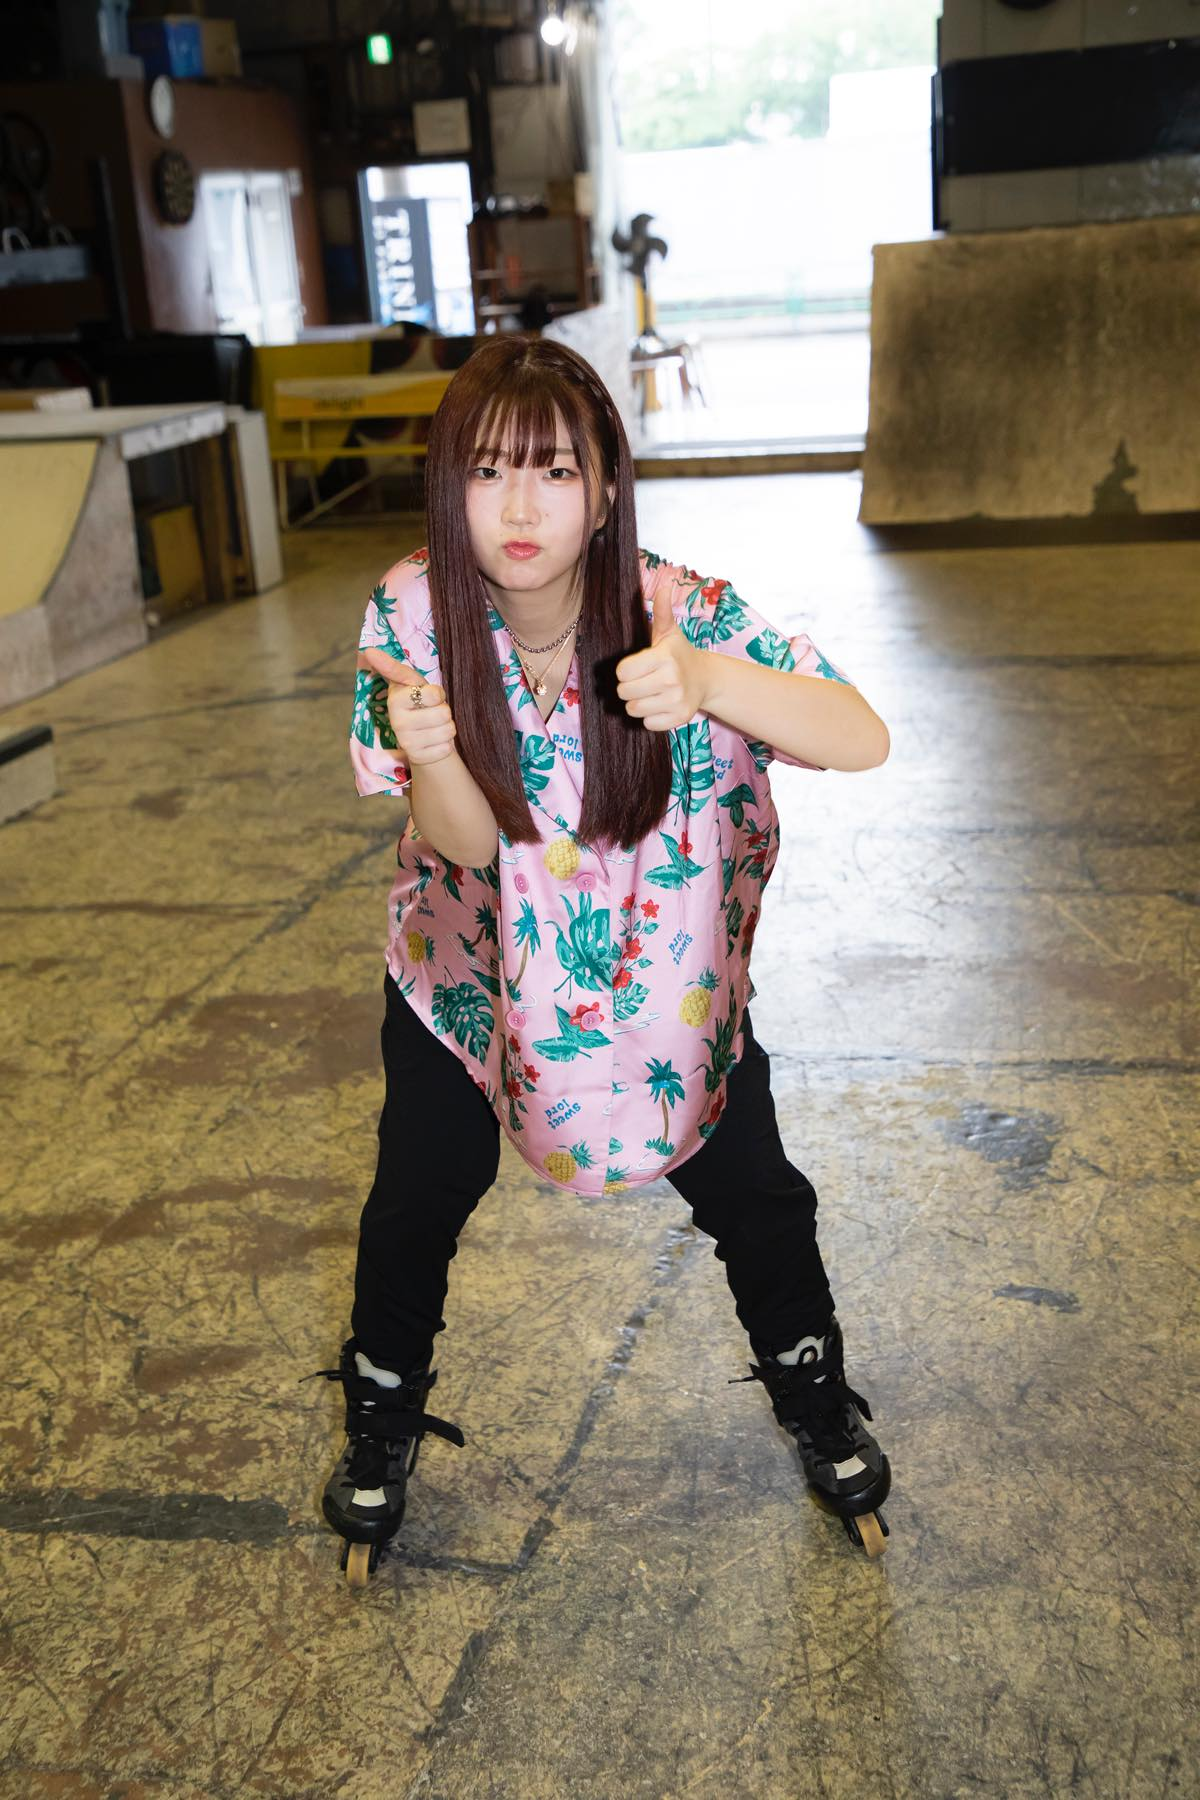 米田みいな「初めてのインラインスケートでなぜかにゃんこスターのモノマネ!?」【写真37枚】【連載】ラストアイドルのすっぴん!vol.21の画像027